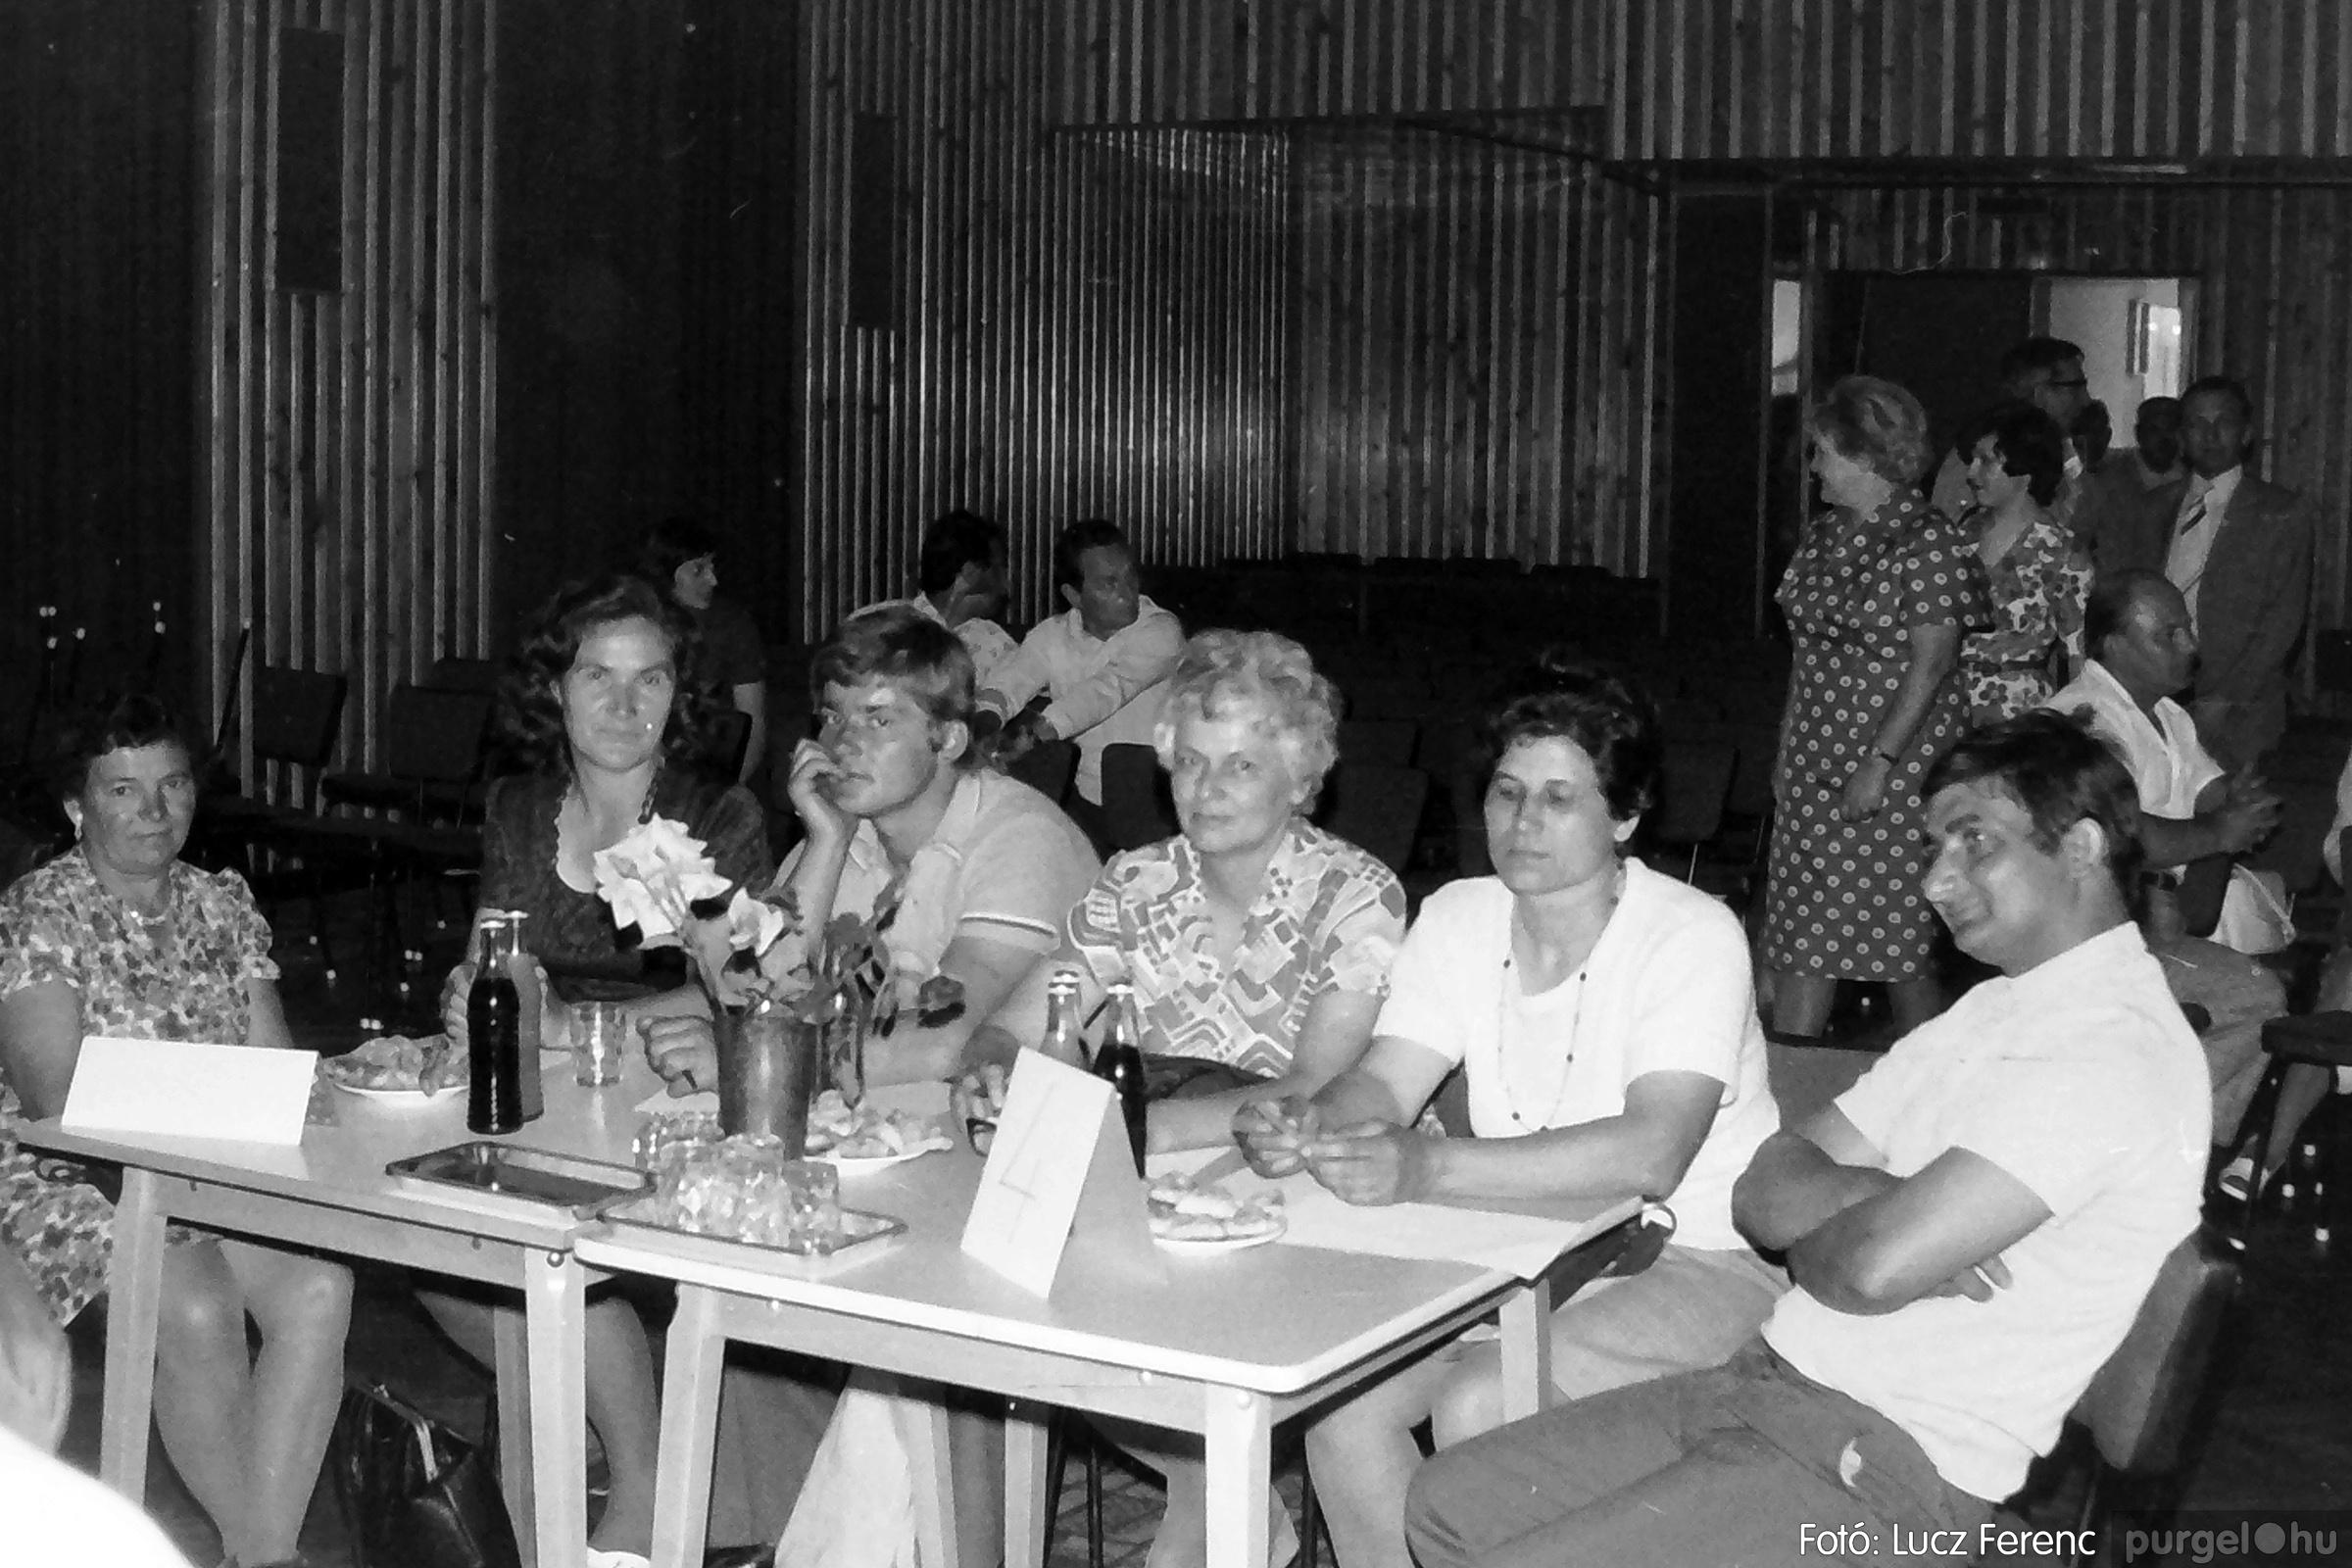 081. 1977. Kendergyári dolgozók vetélkedője 004. - Fotó: Lucz Ferenc.jpg